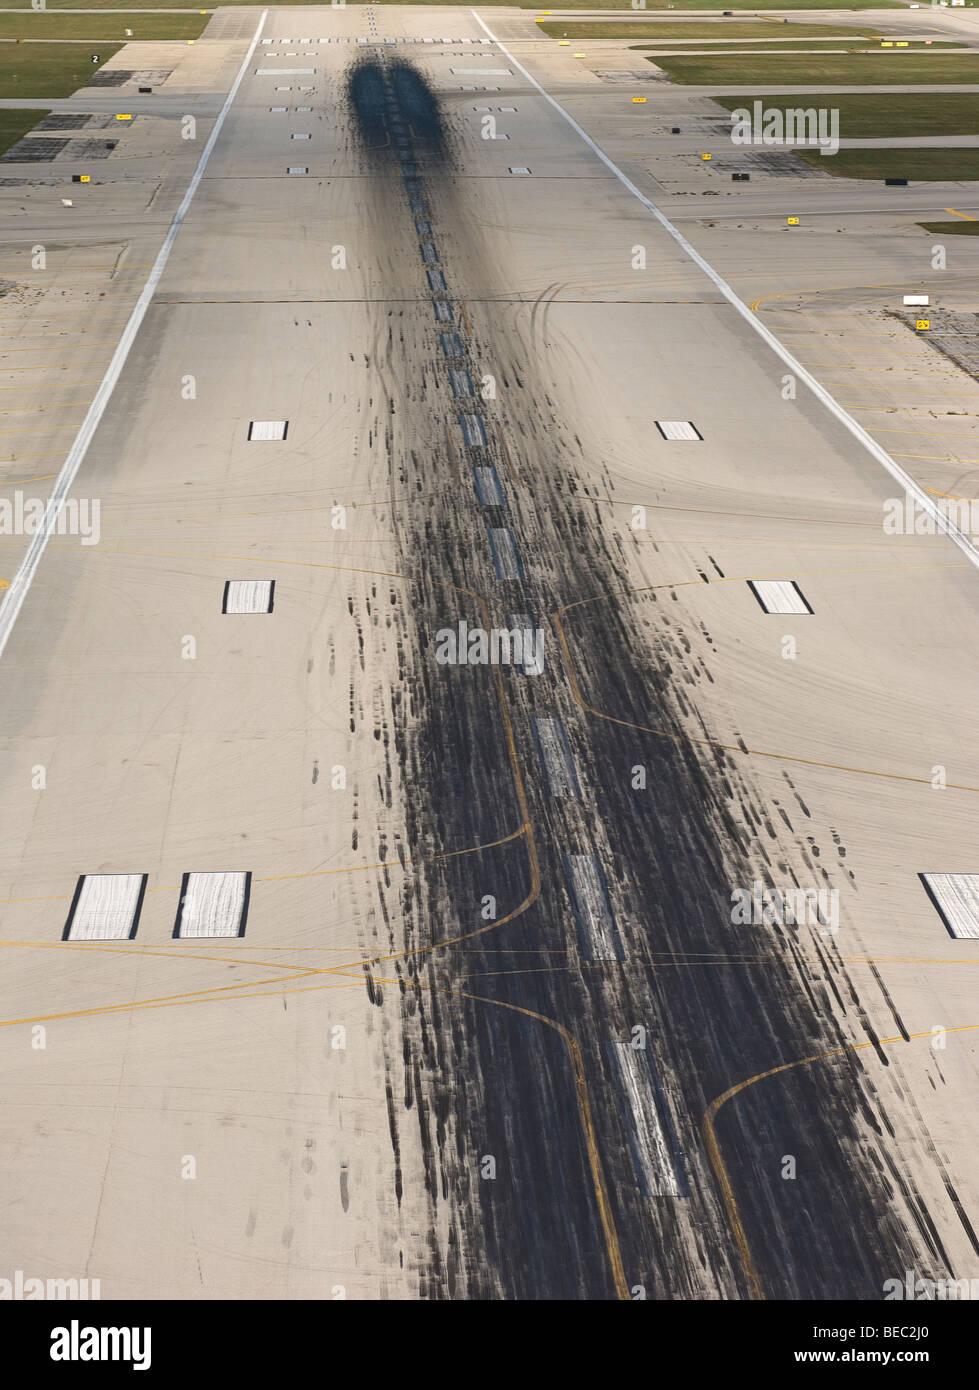 airport runway skid marks Stock Photo